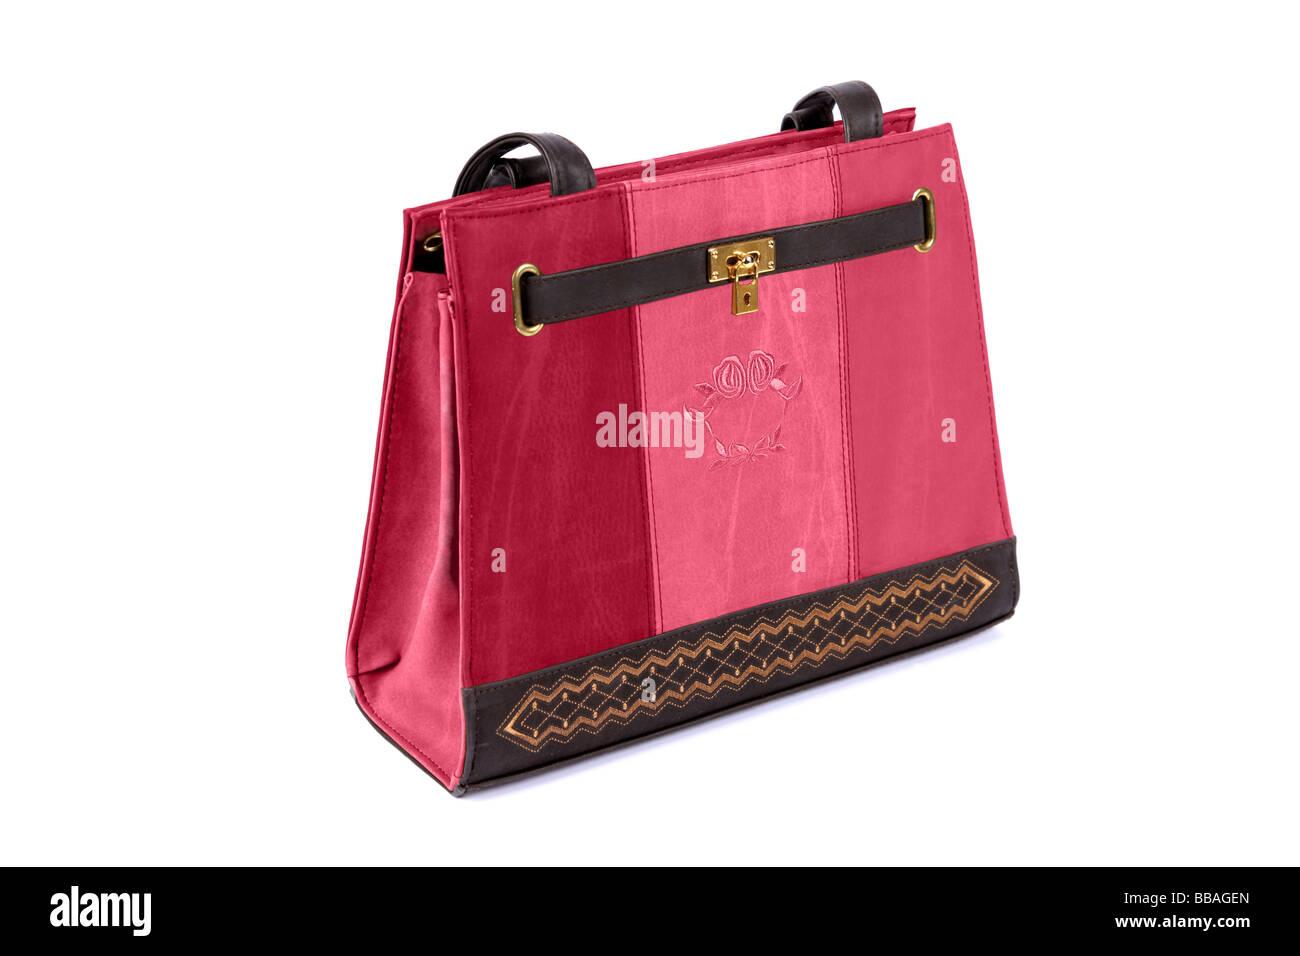 995f2b7a80fbc Pink Ladies Fashion Handtasche vor einem weißen Hintergrund ...